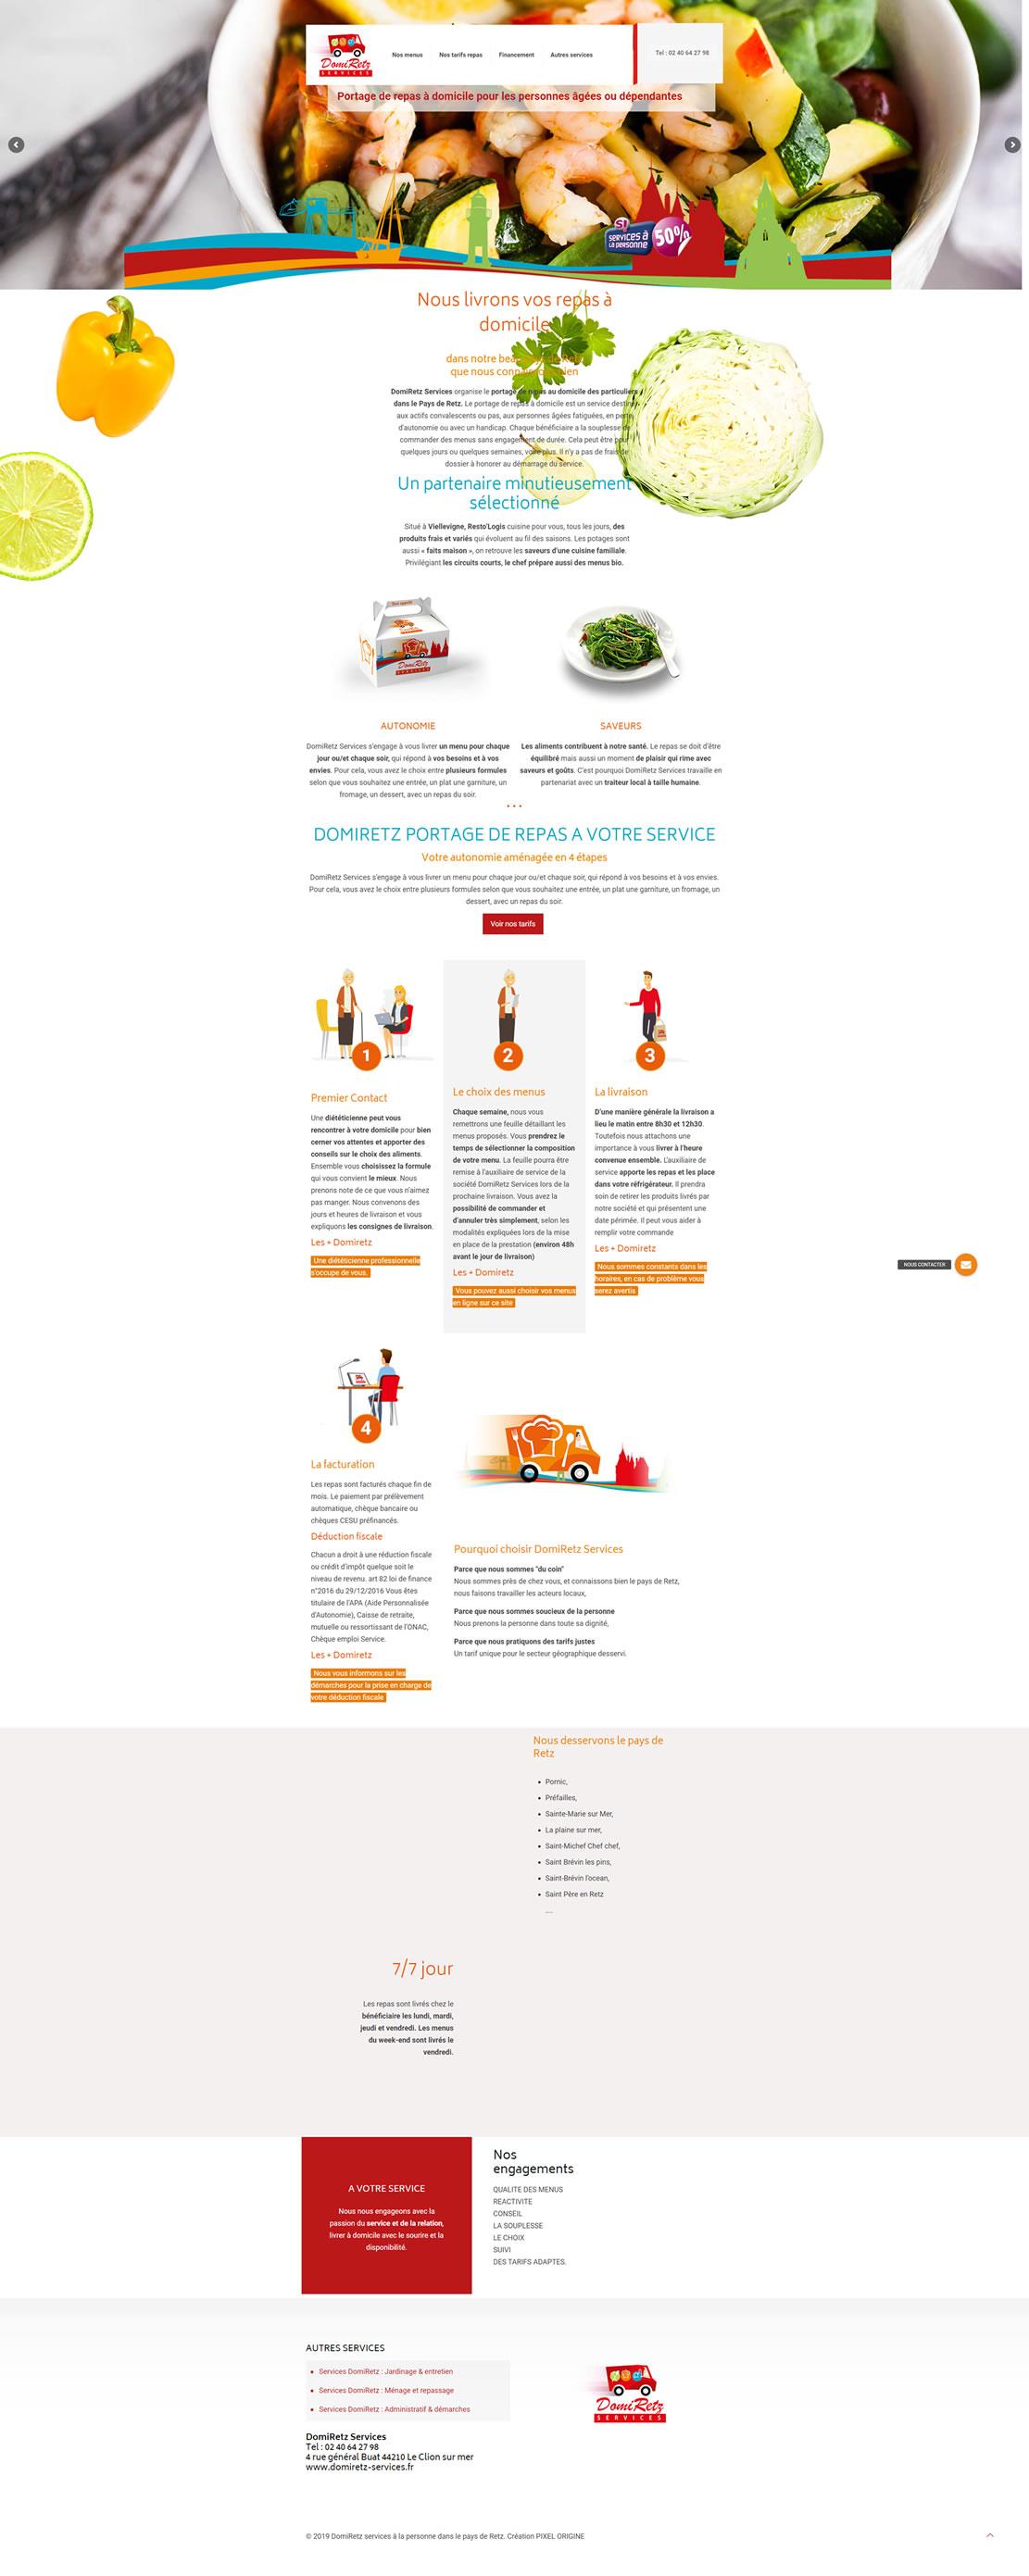 Domiretz - Domiretz services à la personne dans le pays de retz 2